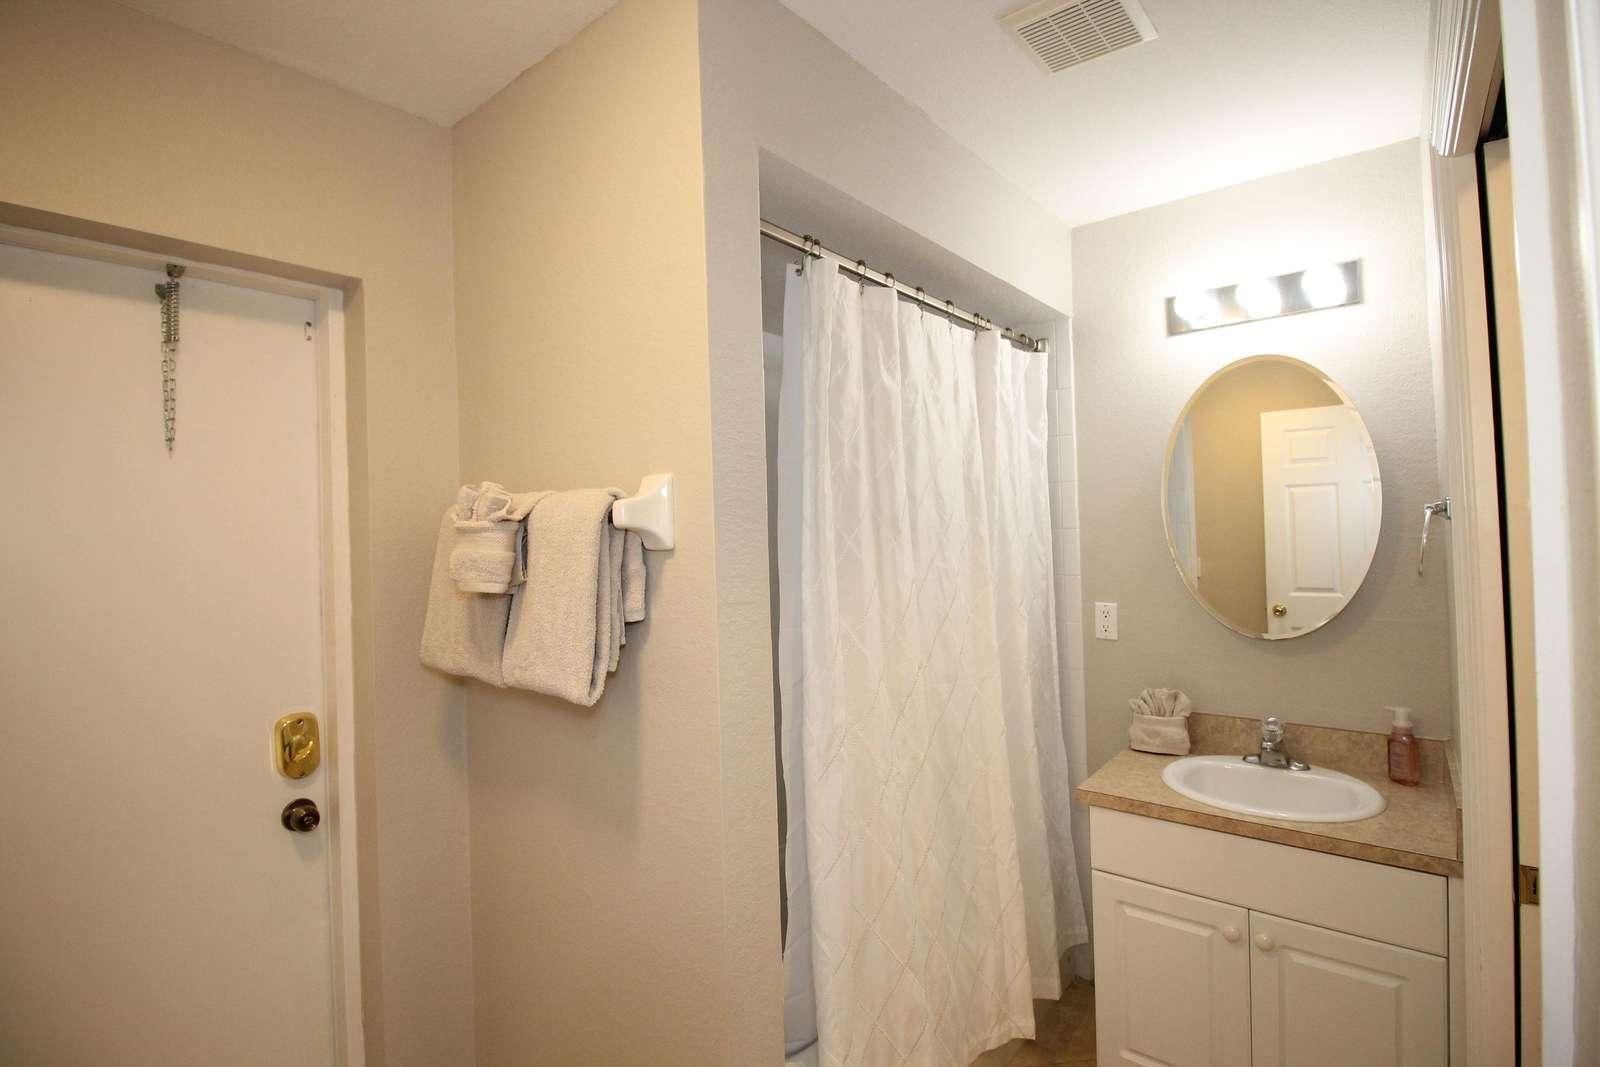 2nd bathroom / pool bath